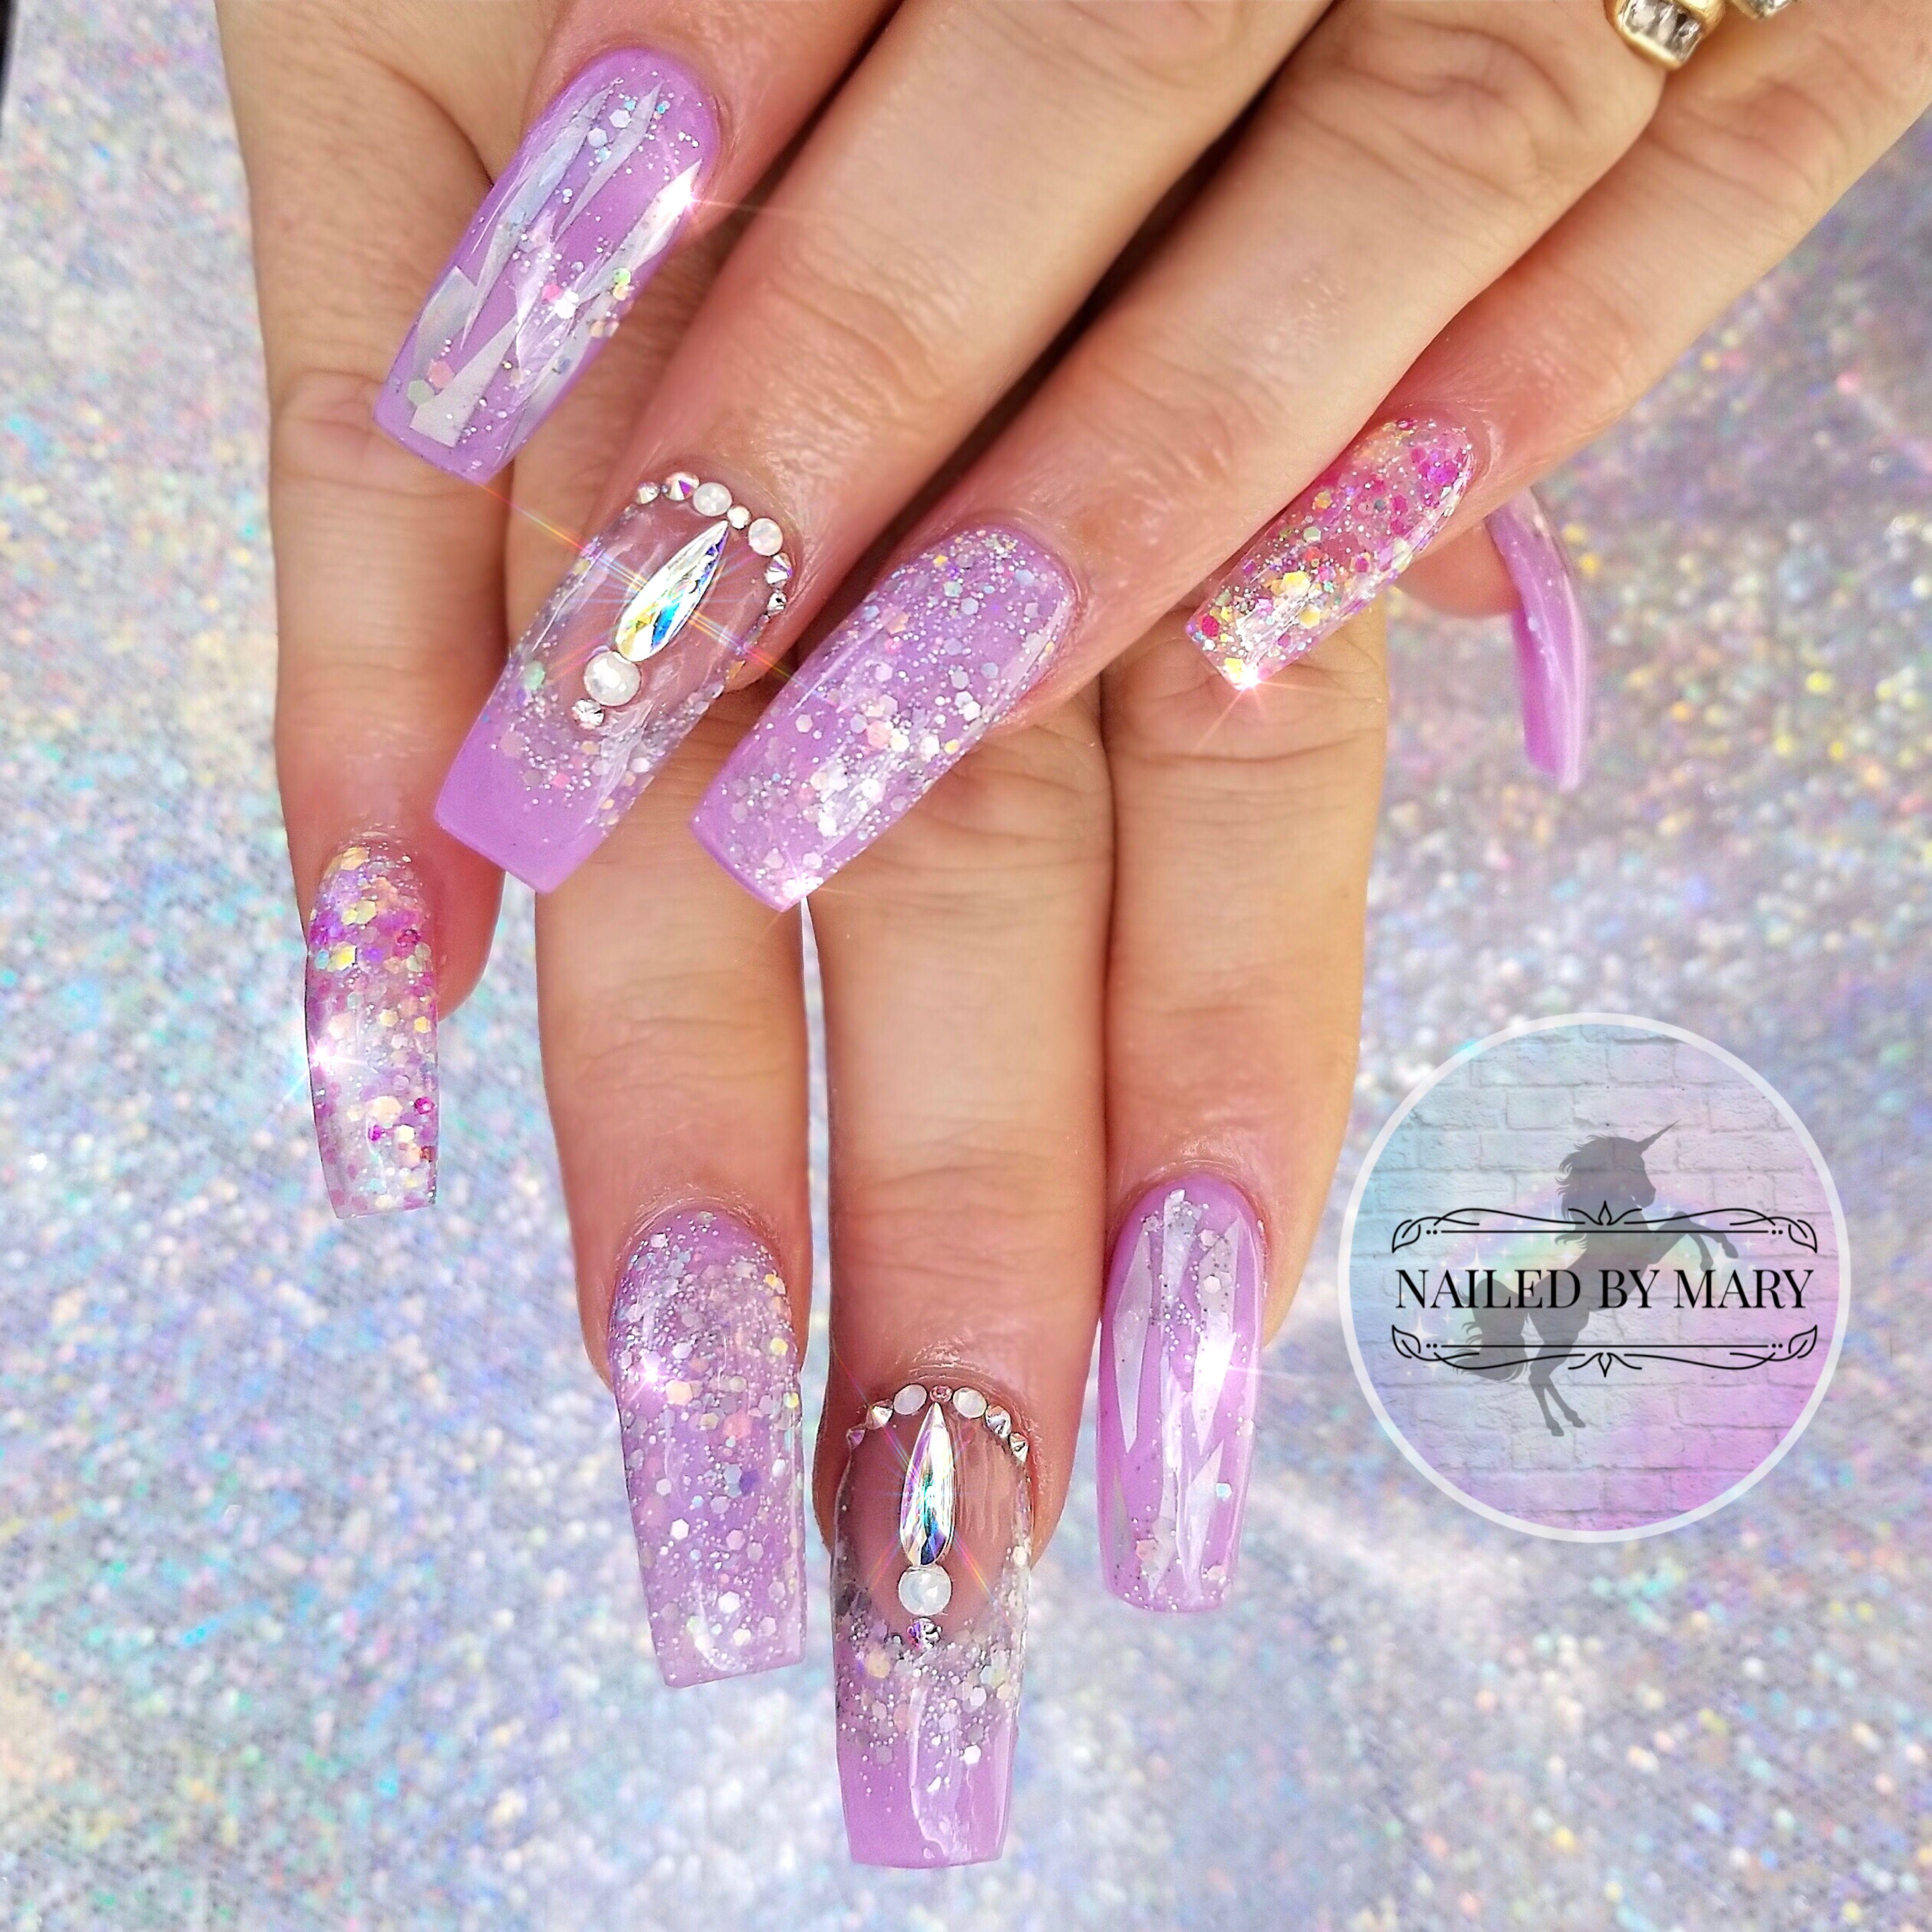 Nails nailart cute nails love acrylic Swarovski crystals lavender ...